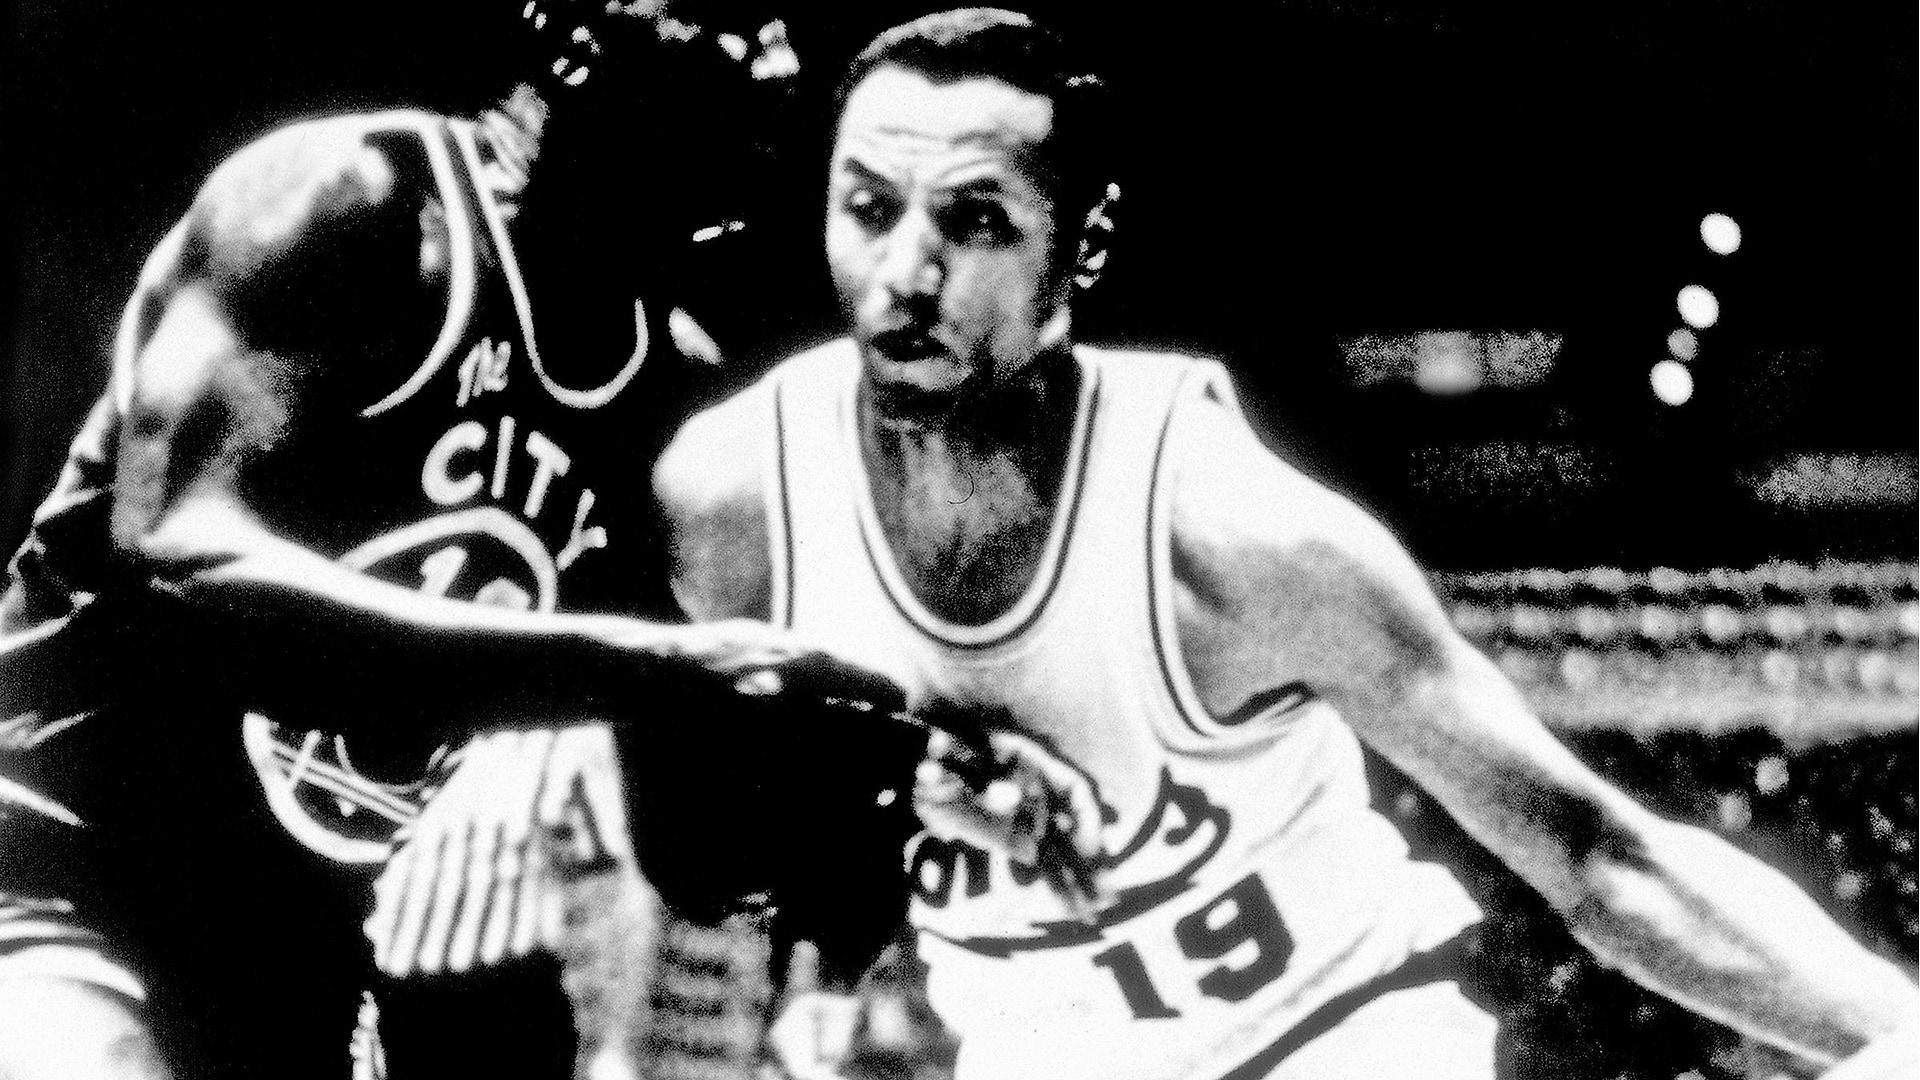 1971 NBA All-Star recap